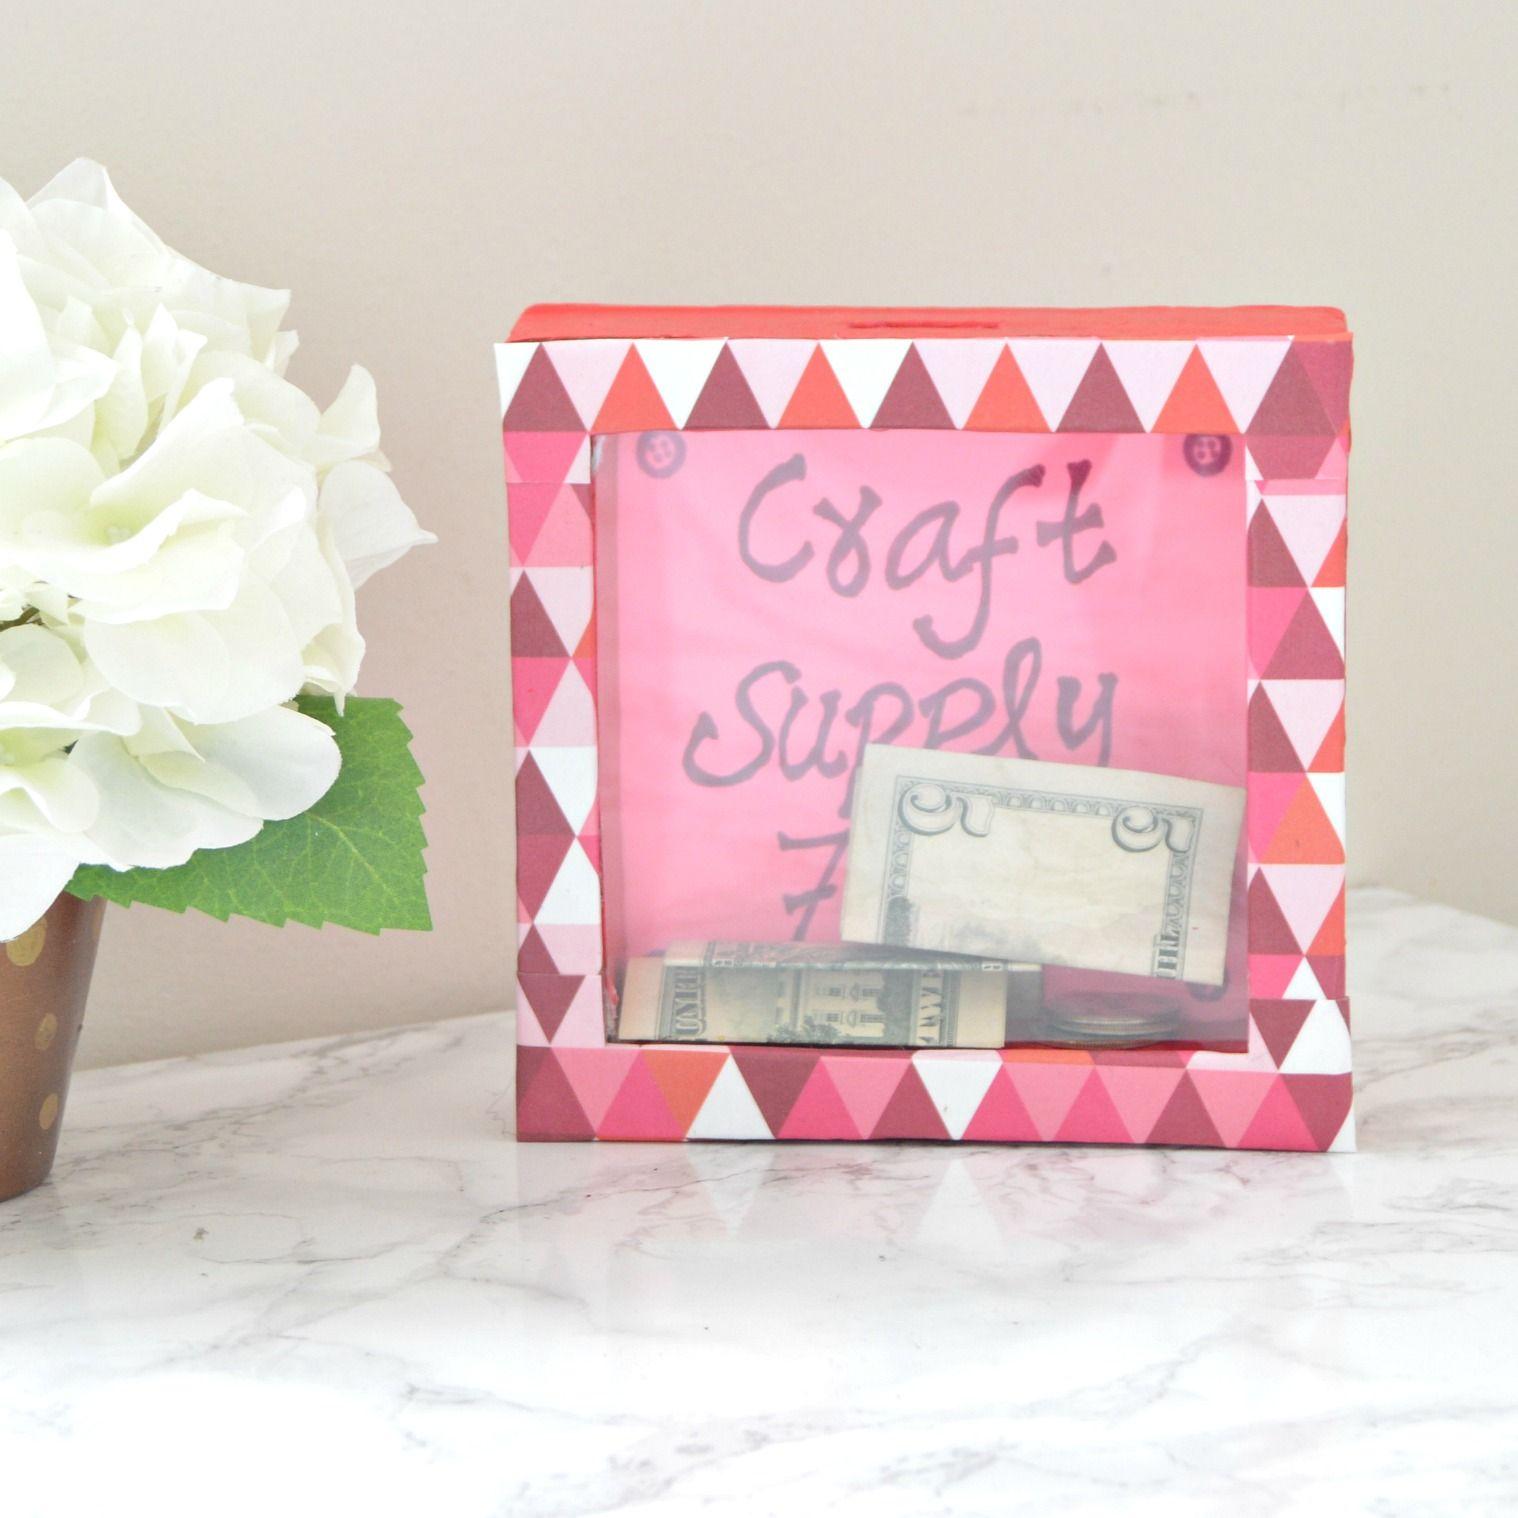 DIY Shadow box using Cardboard | DIY Home Decor | Pinterest | Shadow ...